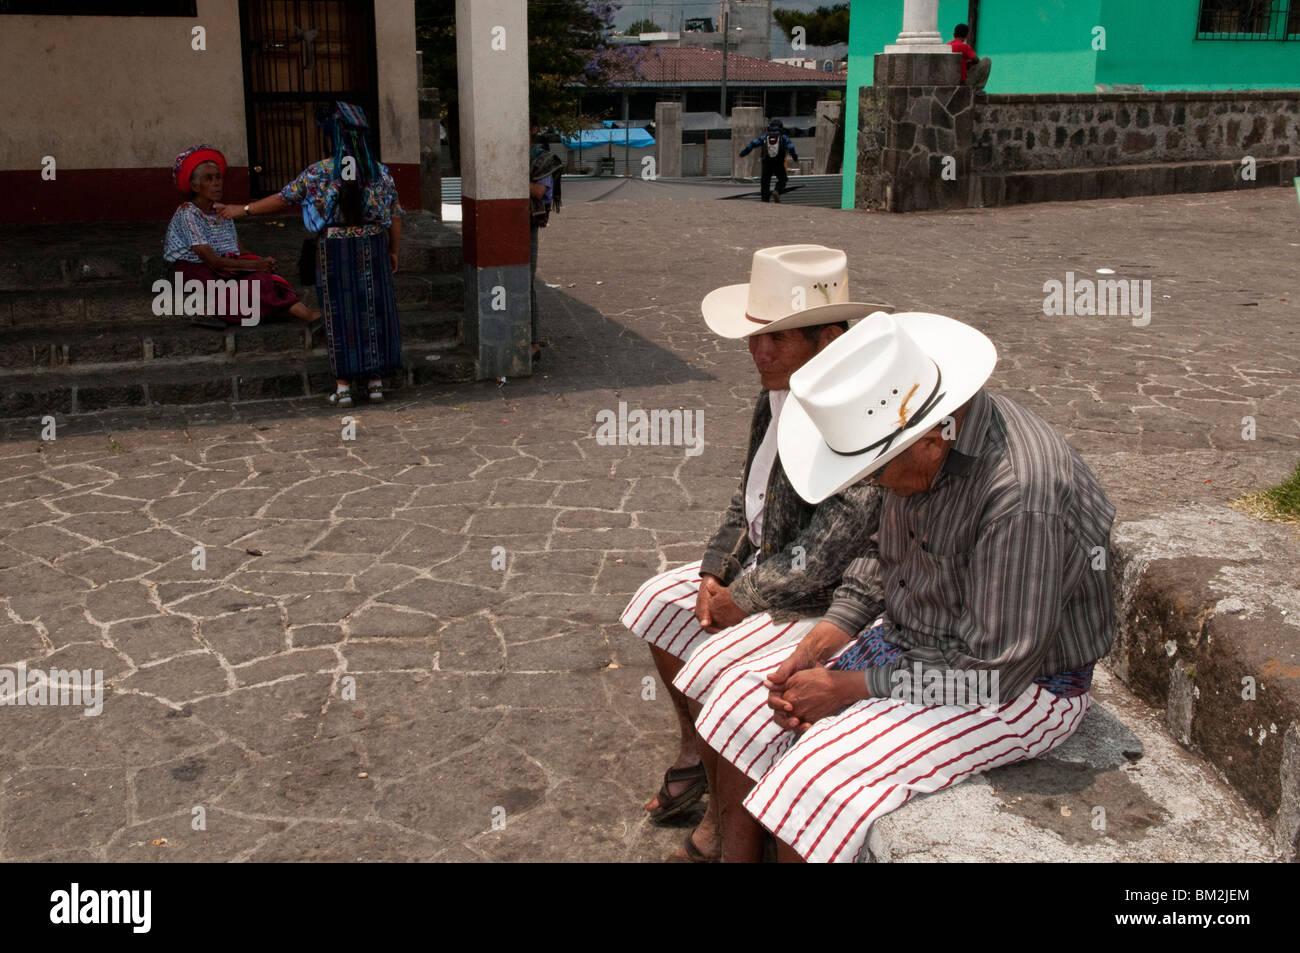 Santiago Atitlan, Lake Atitlan, Guatemala. - Stock Image